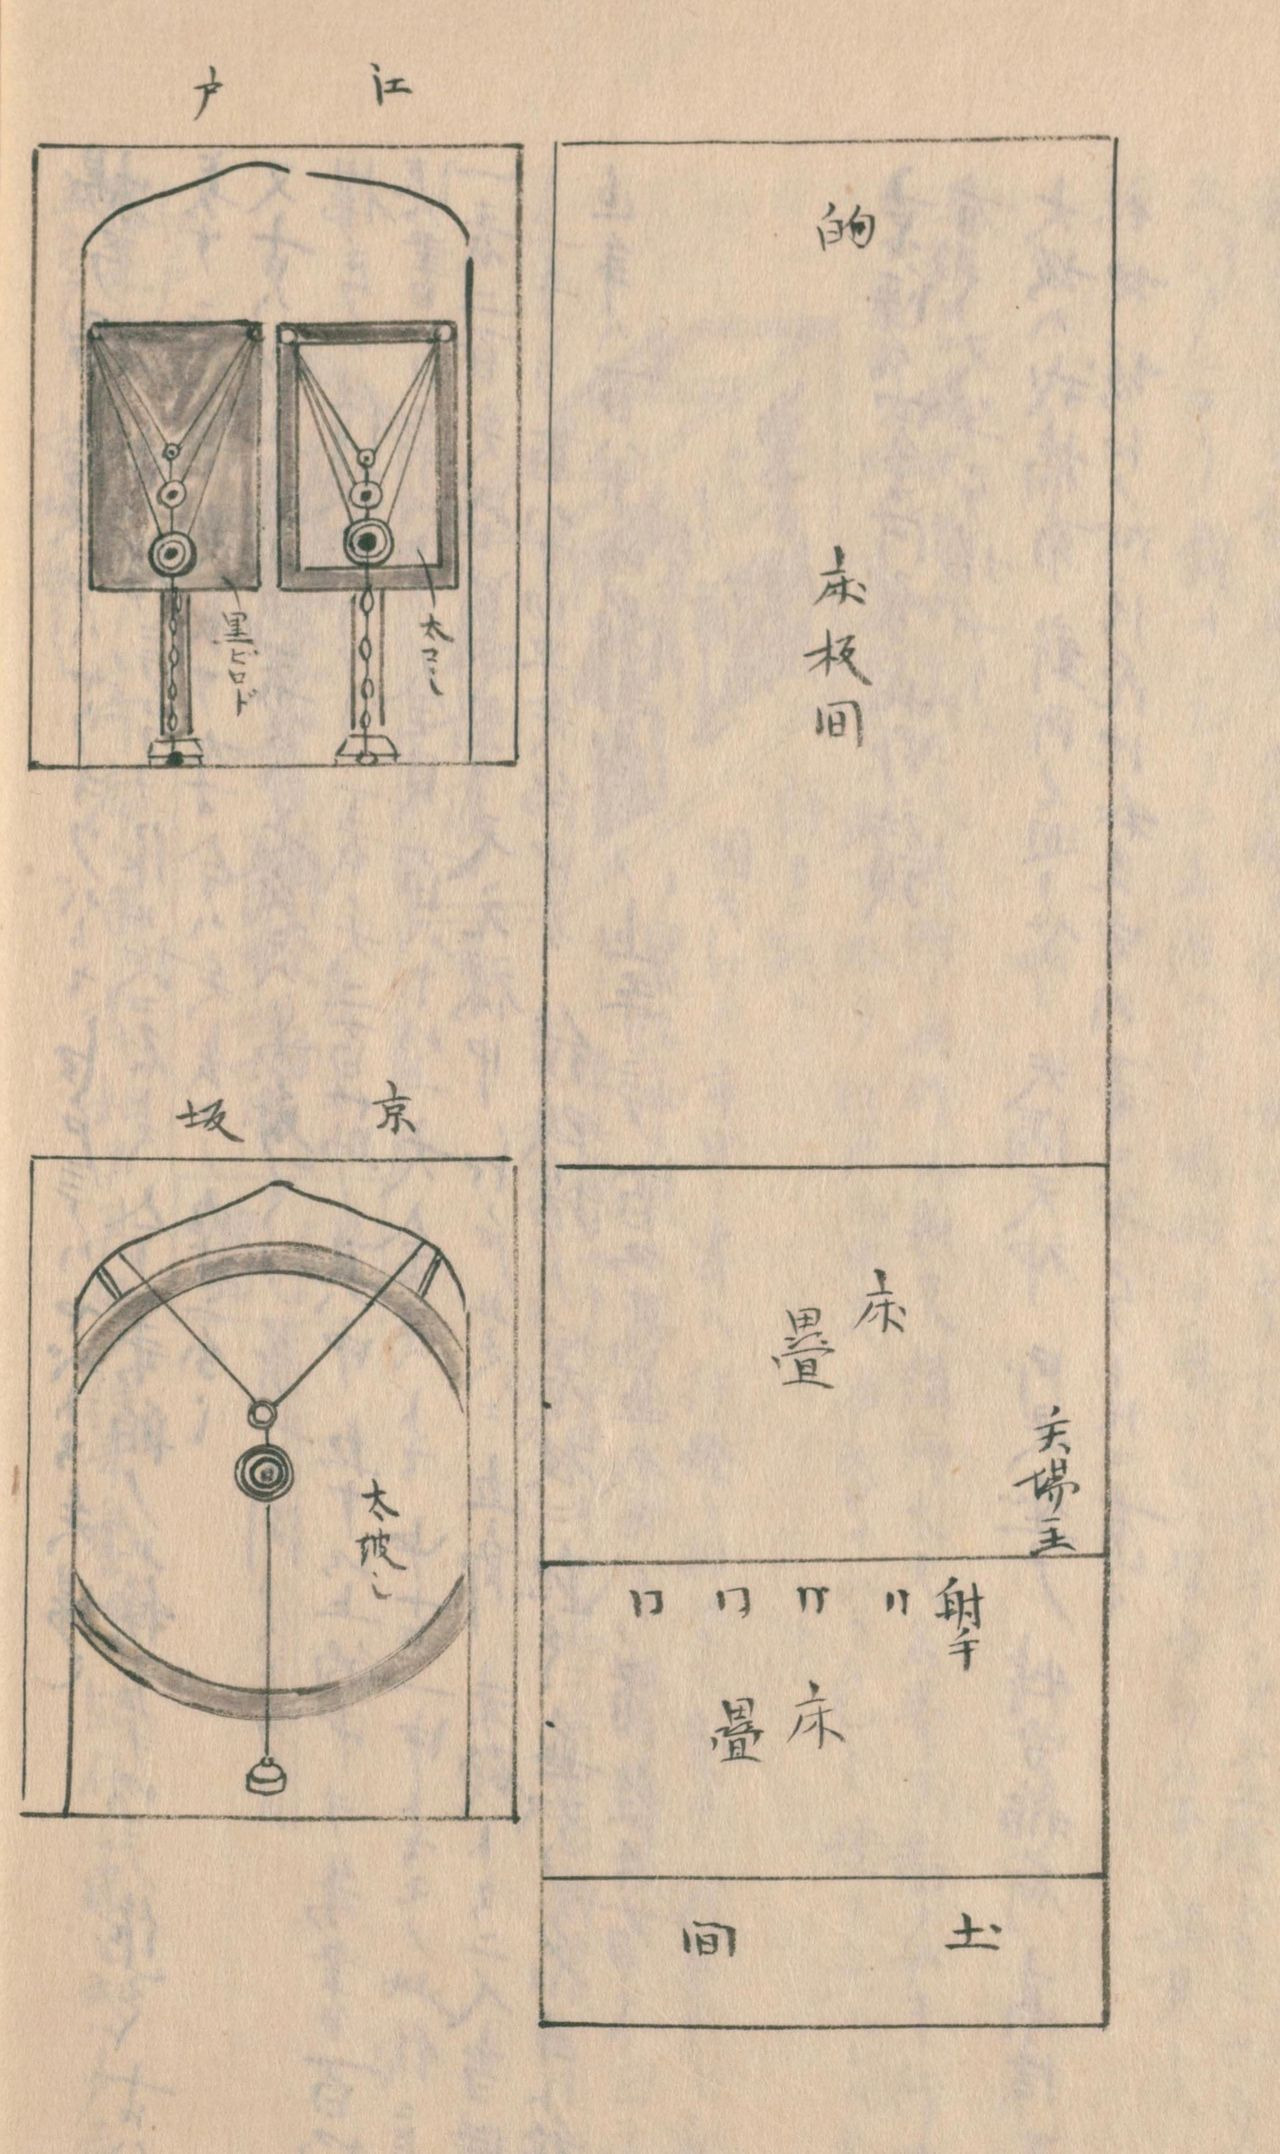 План ёкюба (справа) и изображение мишеней (слева). Вверху – мишень в Эдо, на ней отмечены три цели – большая, средняя и малая; внизу – мишень в Киото-Осака, цель только одна, а при попадании звенит подвешенный снизу колокольчик